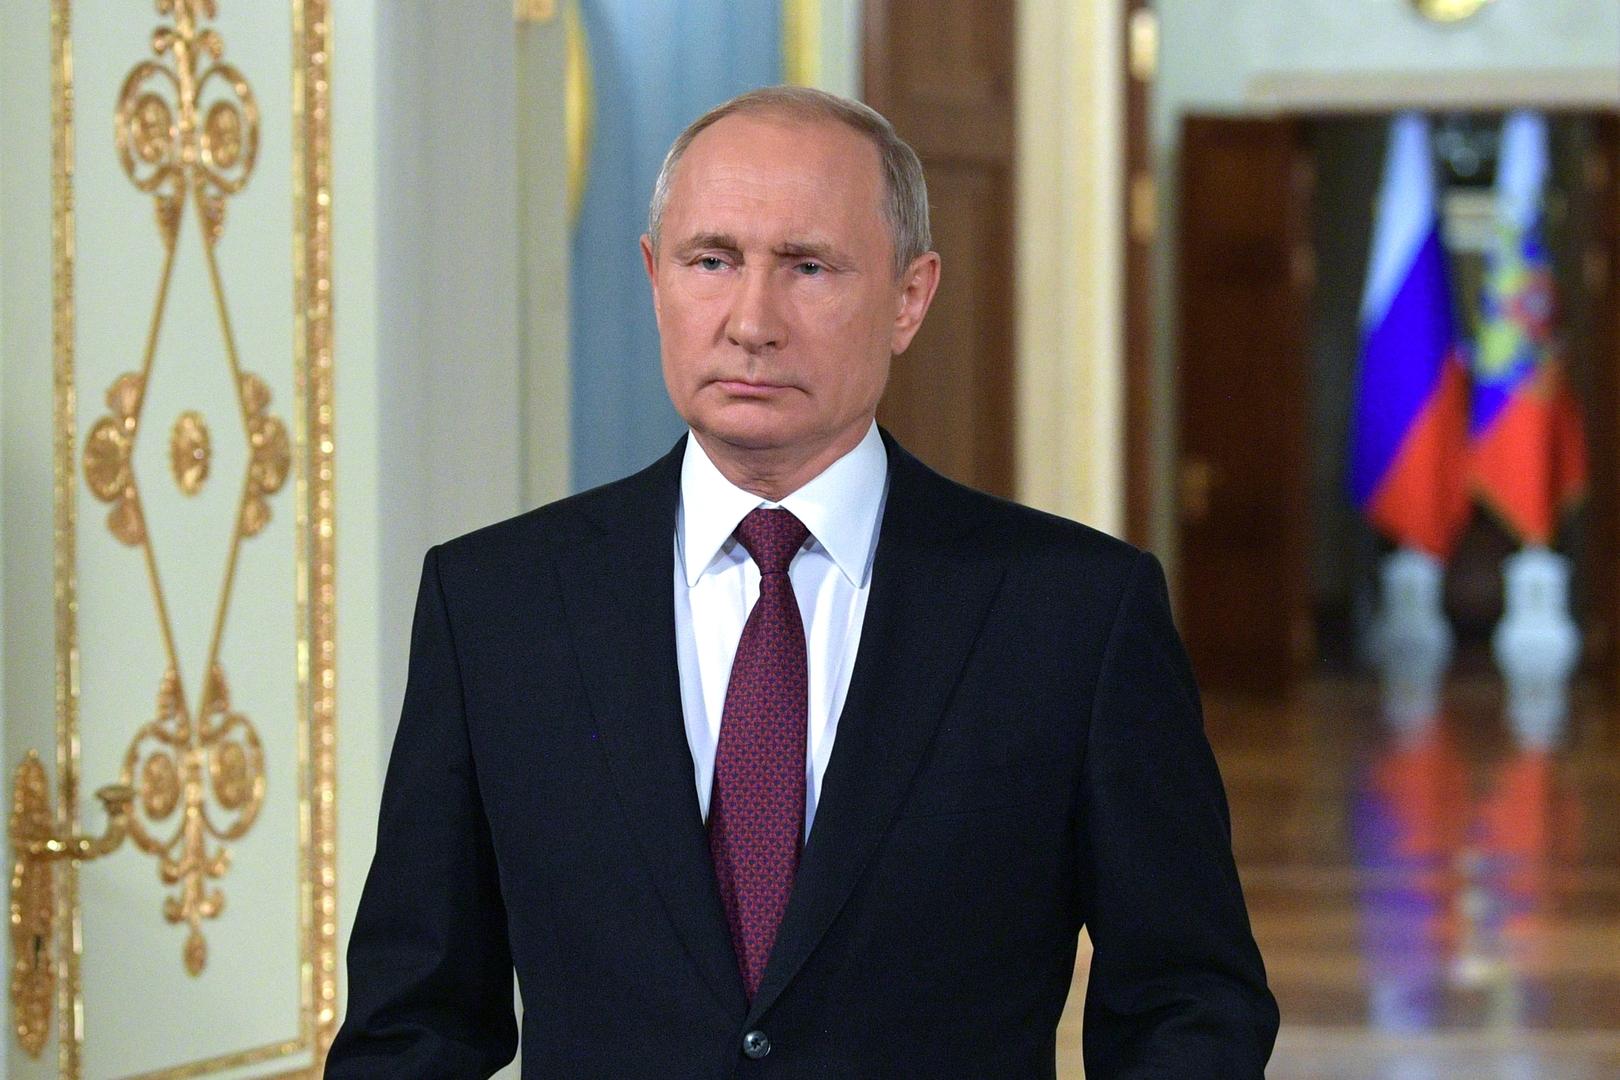 بوتين يقترح فرض ضريبة على العائدات والأرباح الذاهبة إلى